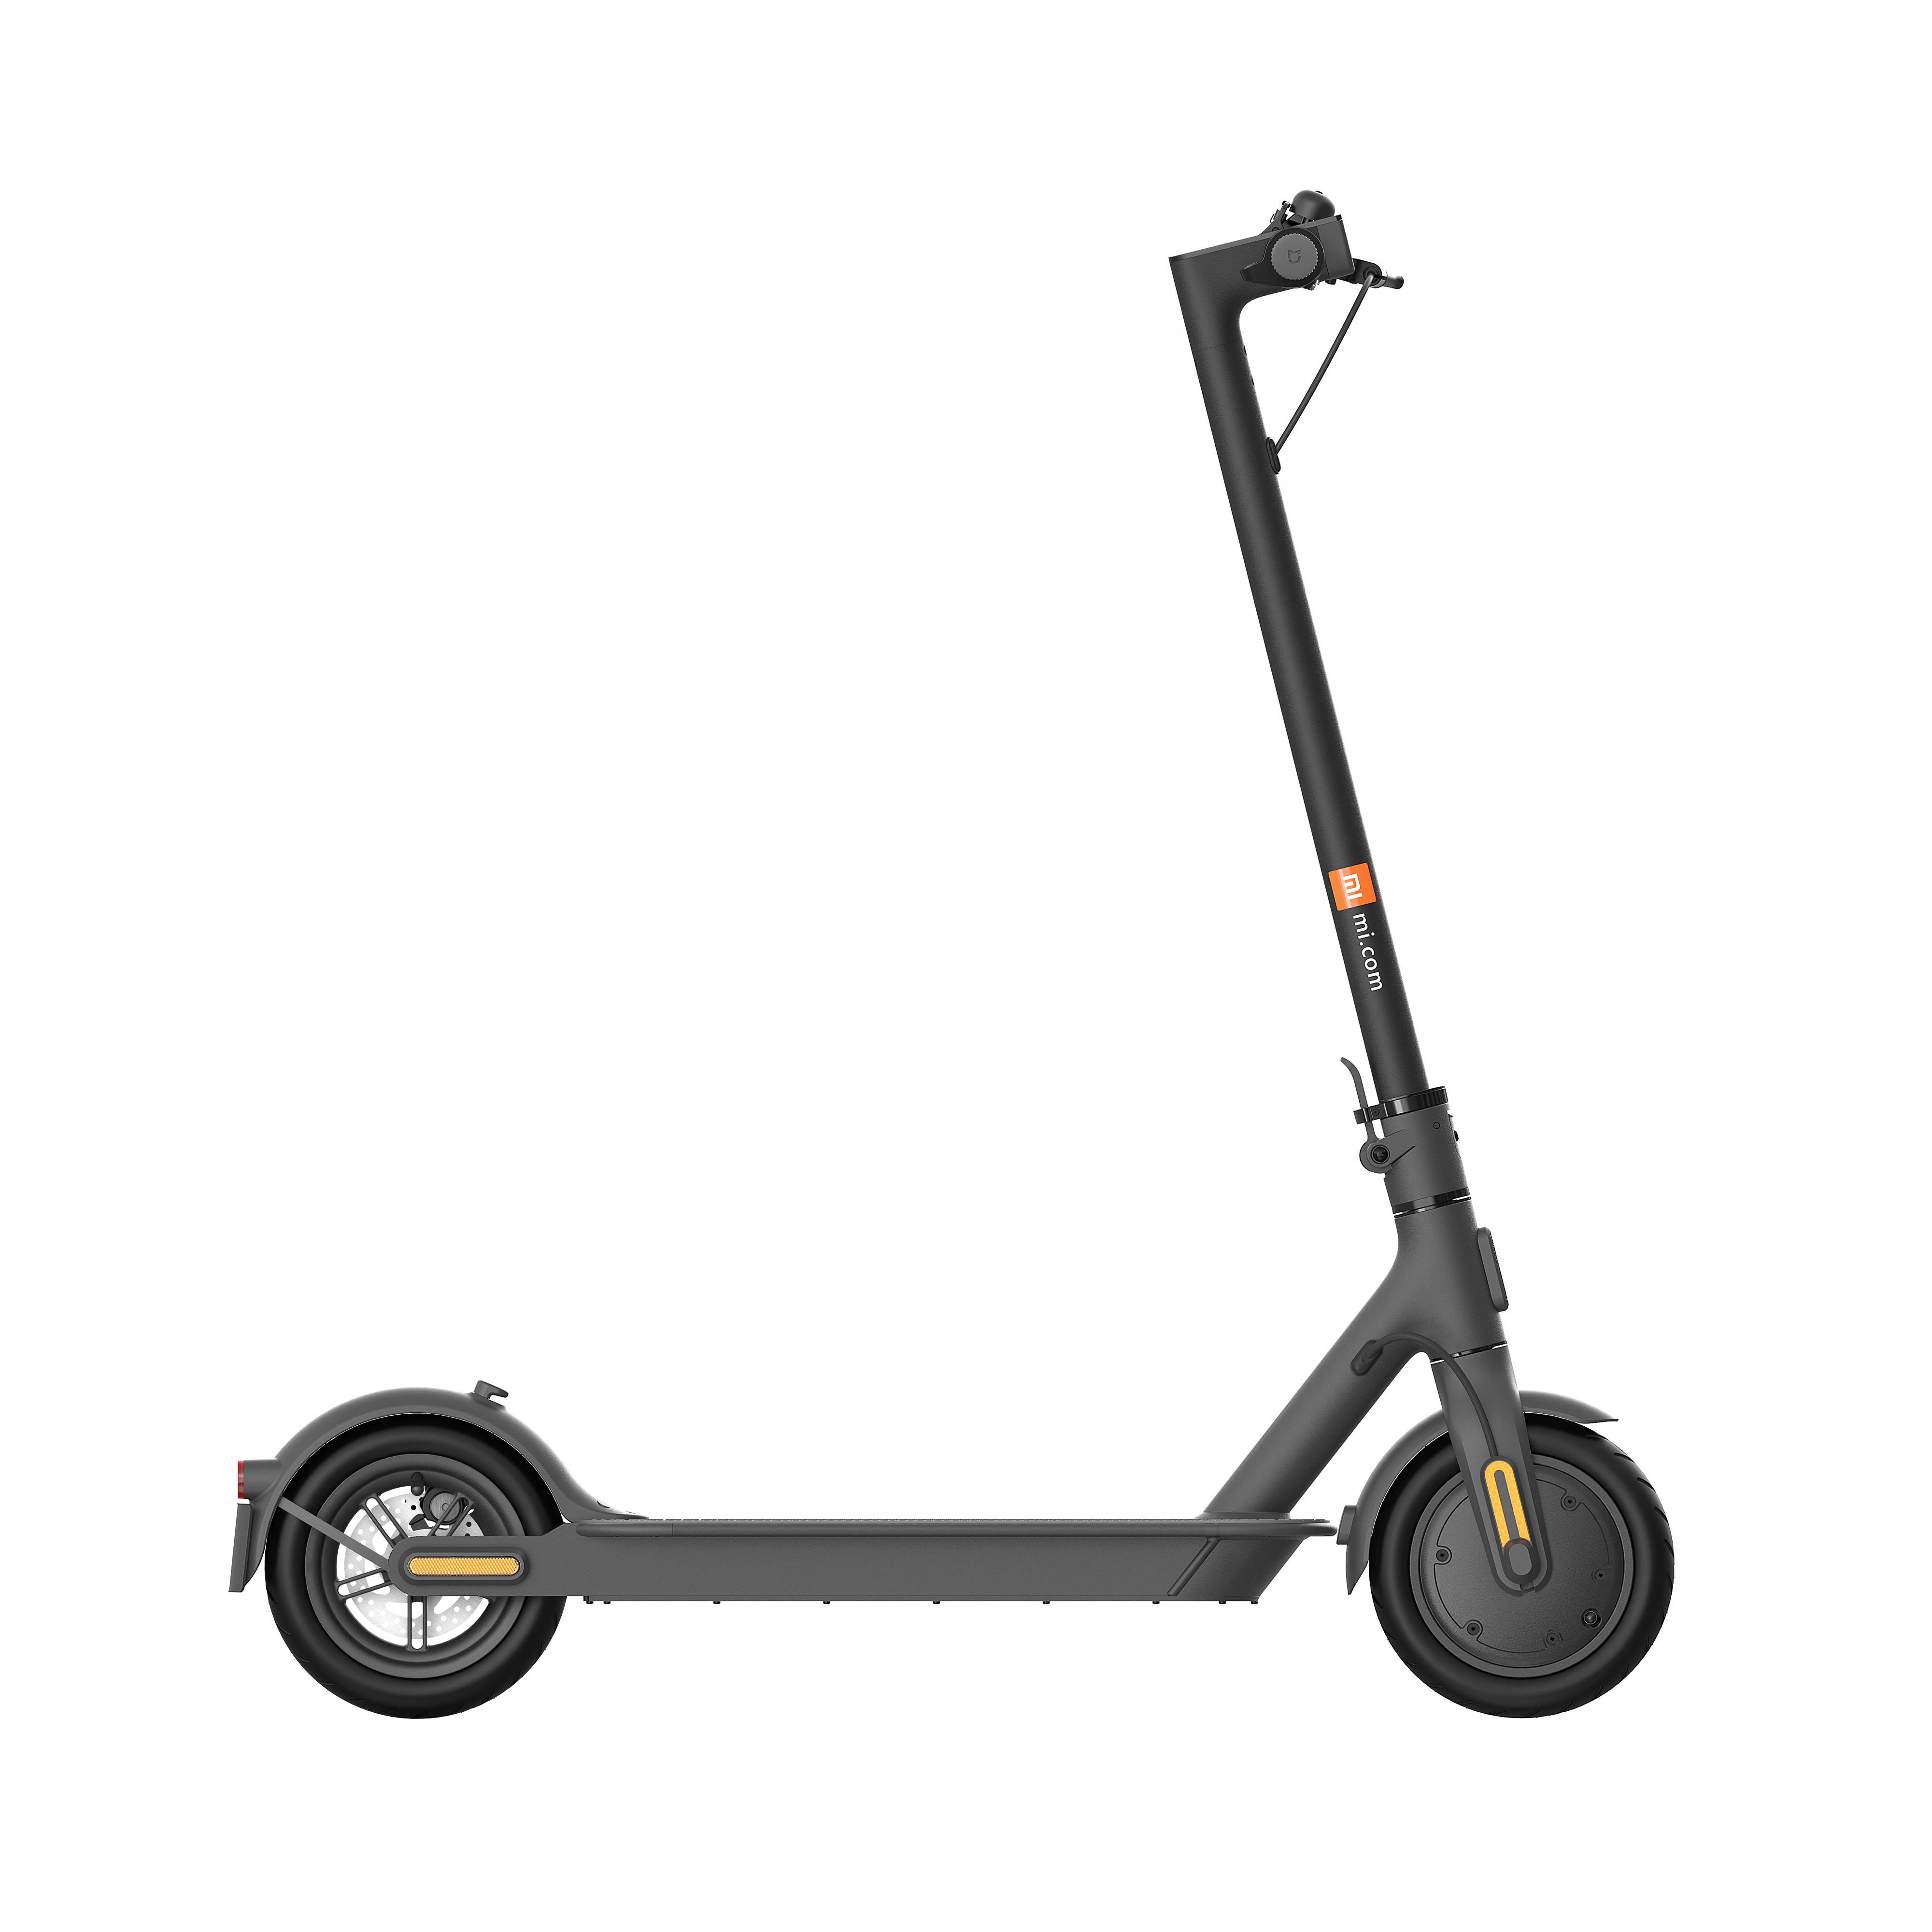 MILECN 2ST Scooter R/äder 125Mm F/ür Scooter Ersatzrad Mit Lagern,Blau